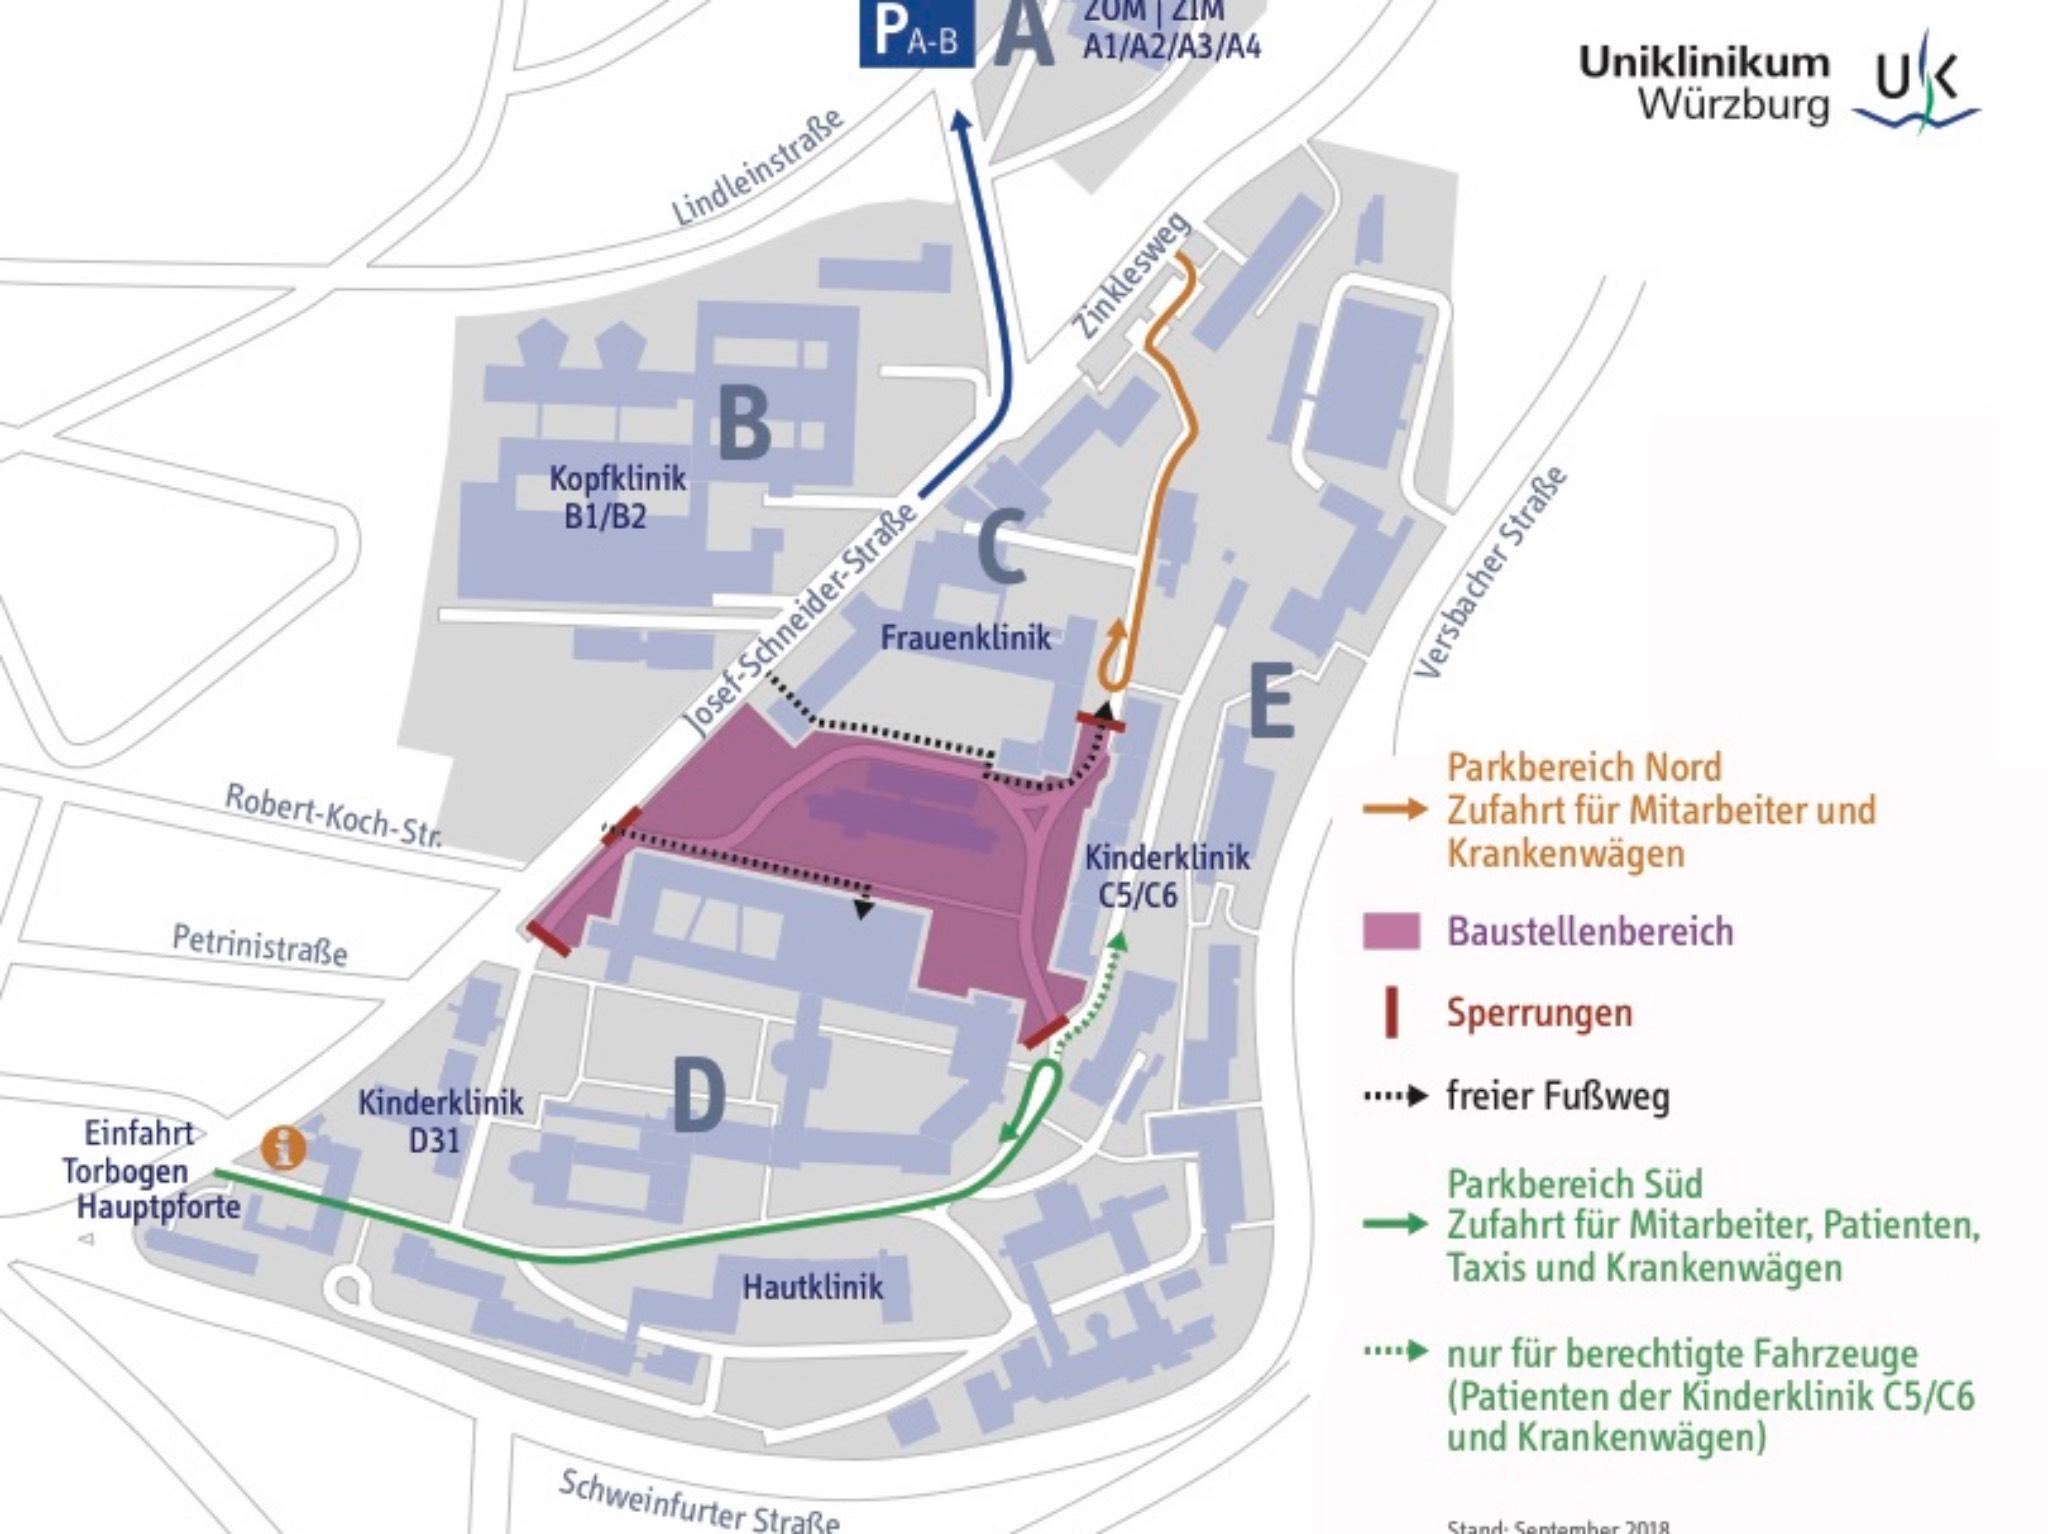 Durch die Sperrung der inneren Ringstraße ändert sich die Verkehrsführung auf dem Altcampus. Grafik: Robert Wenzl / Uniklinikum Würzburg